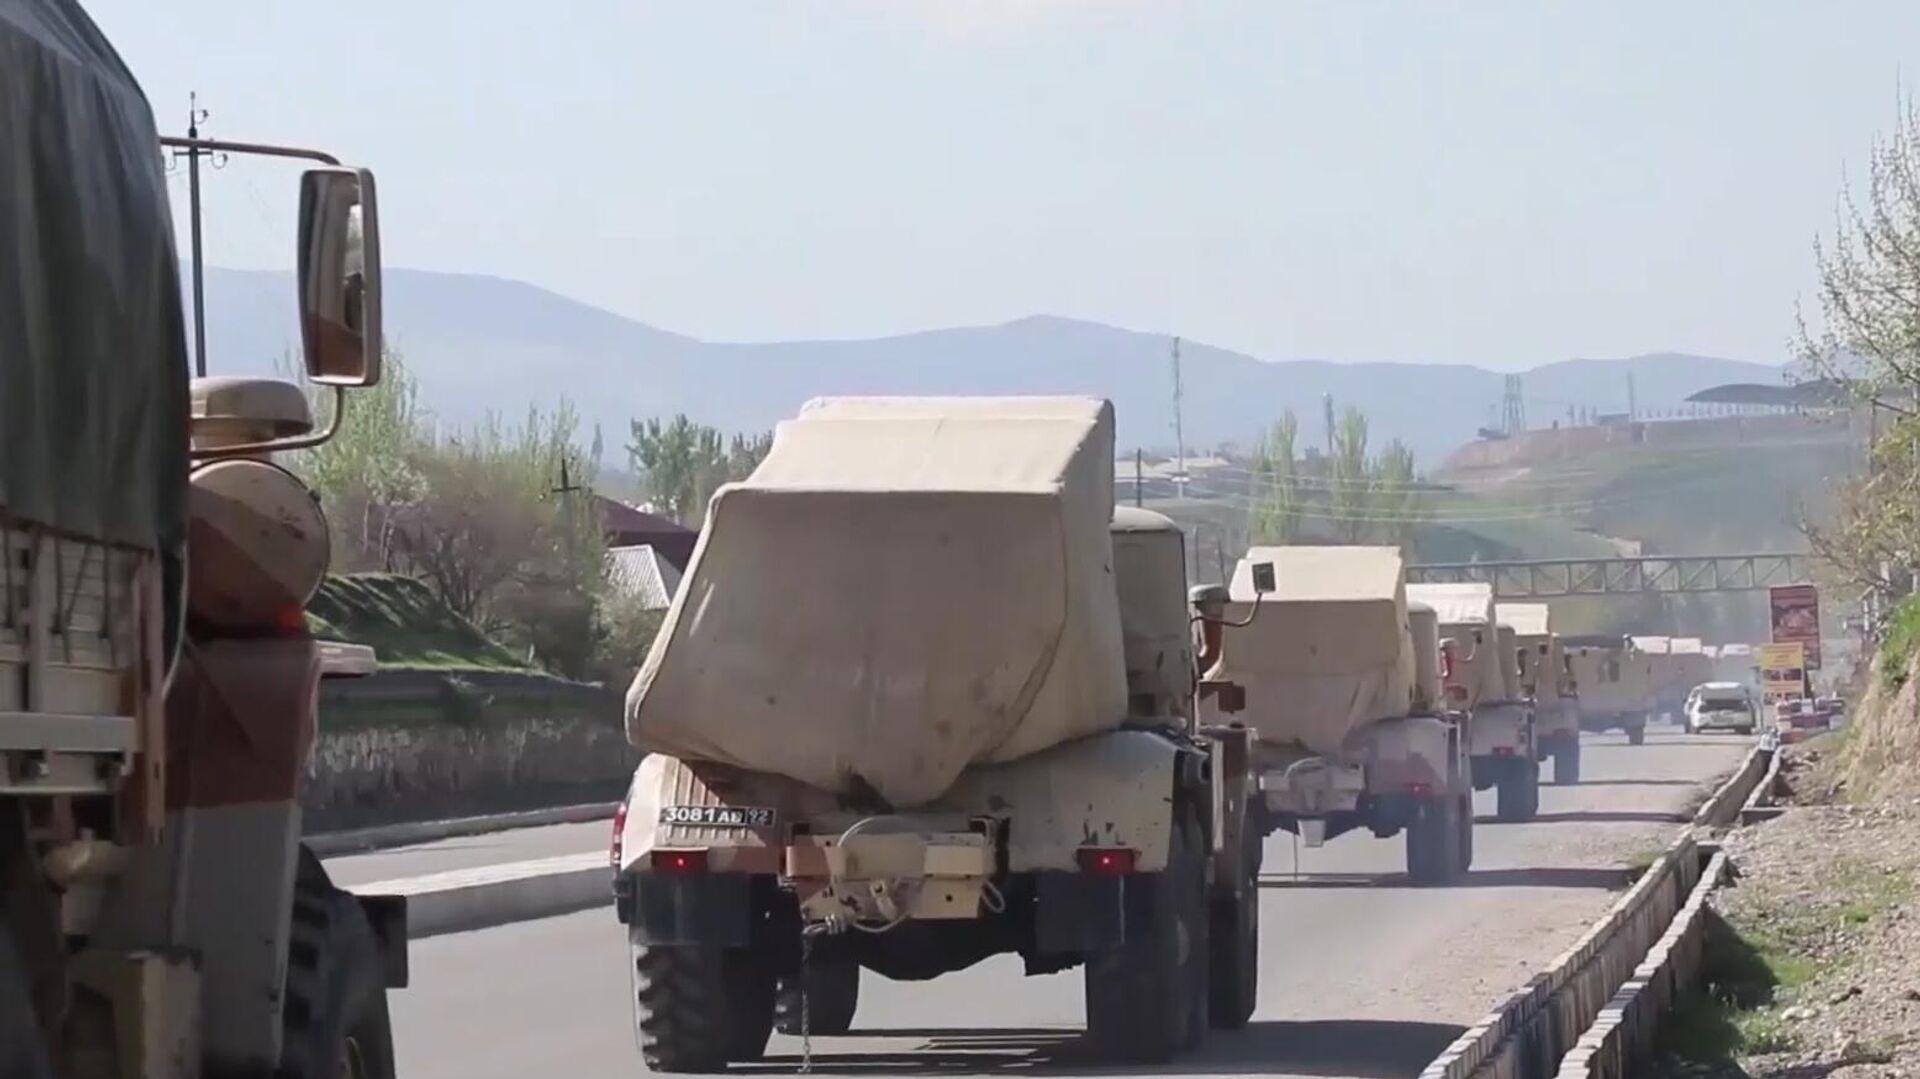 Vehículos militares rusos circulan por una carretera en Tayikistán, el 28 de julio de 2021 - Sputnik Mundo, 1920, 17.08.2021